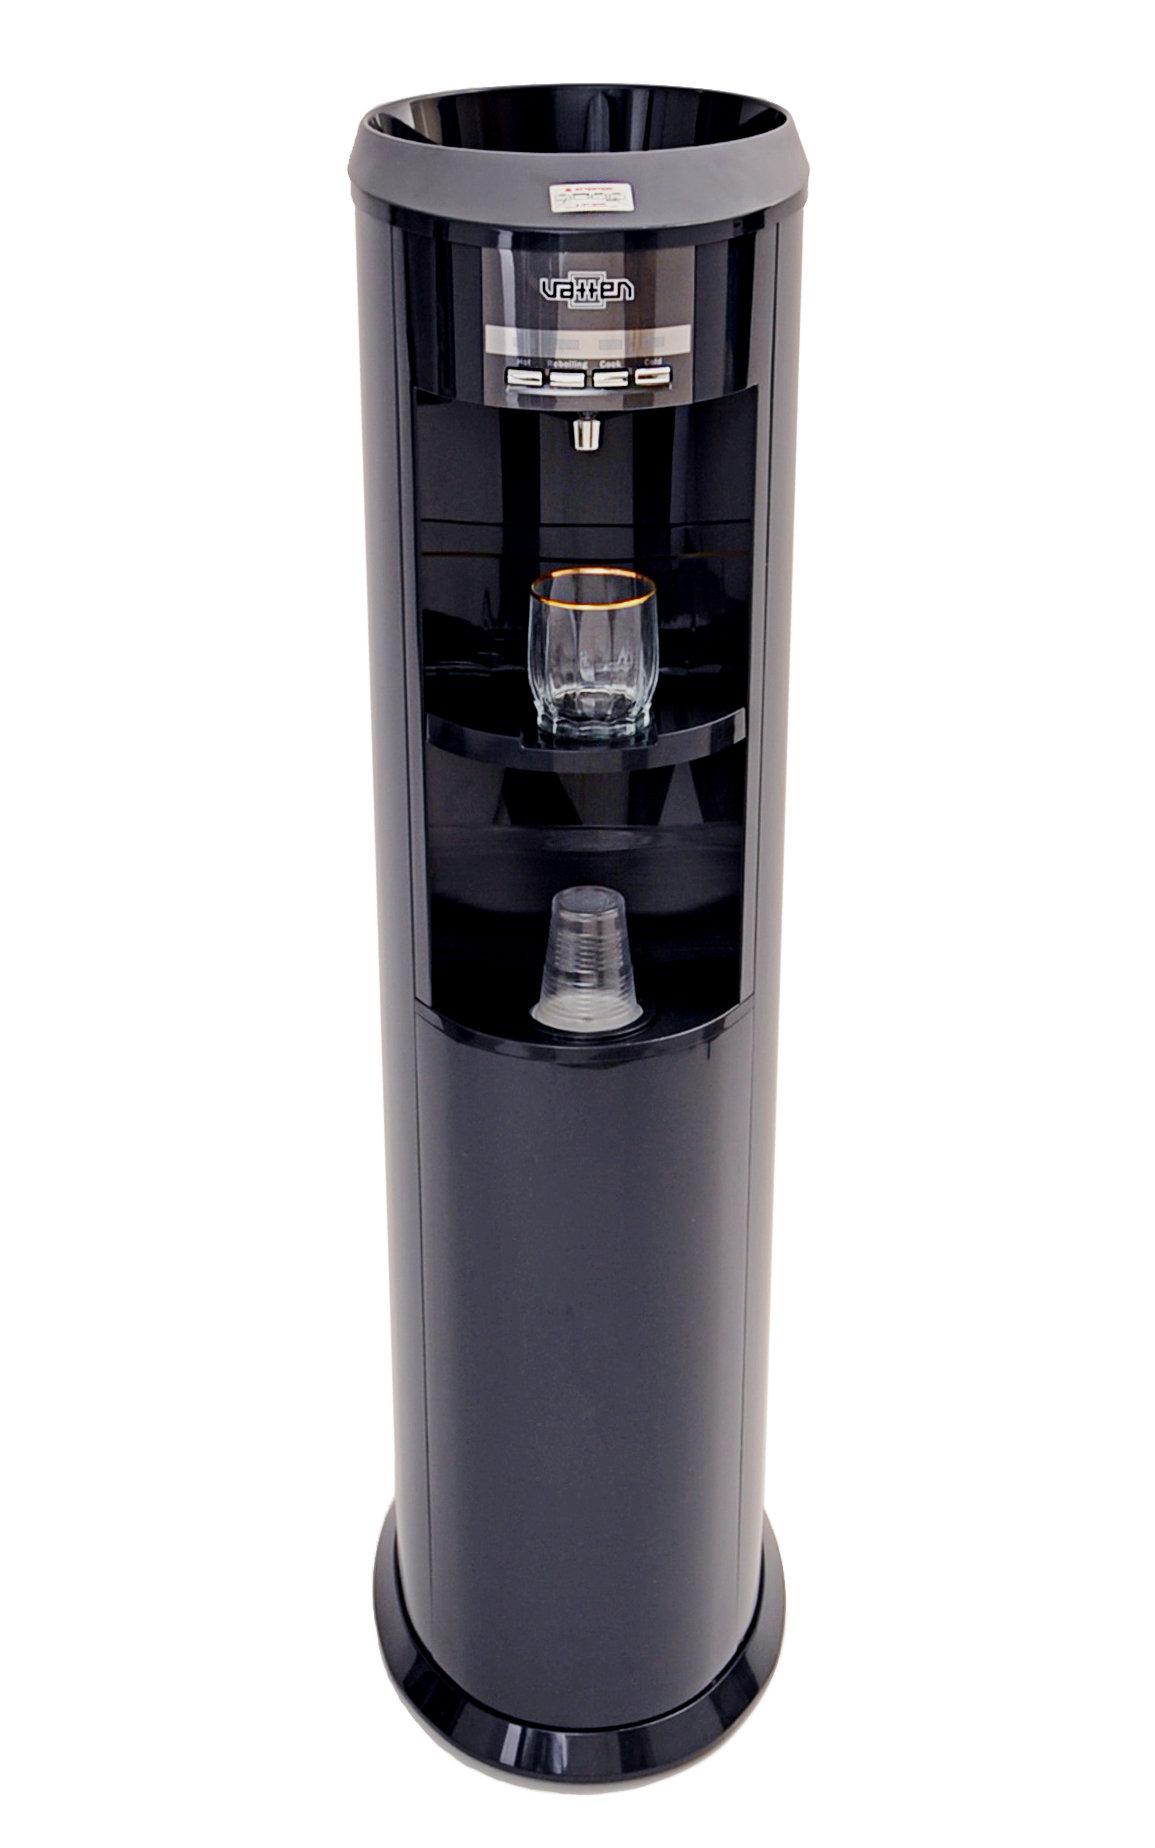 Кулер для воды Vatten V803NKD напольный, с нагревом и охлаждением